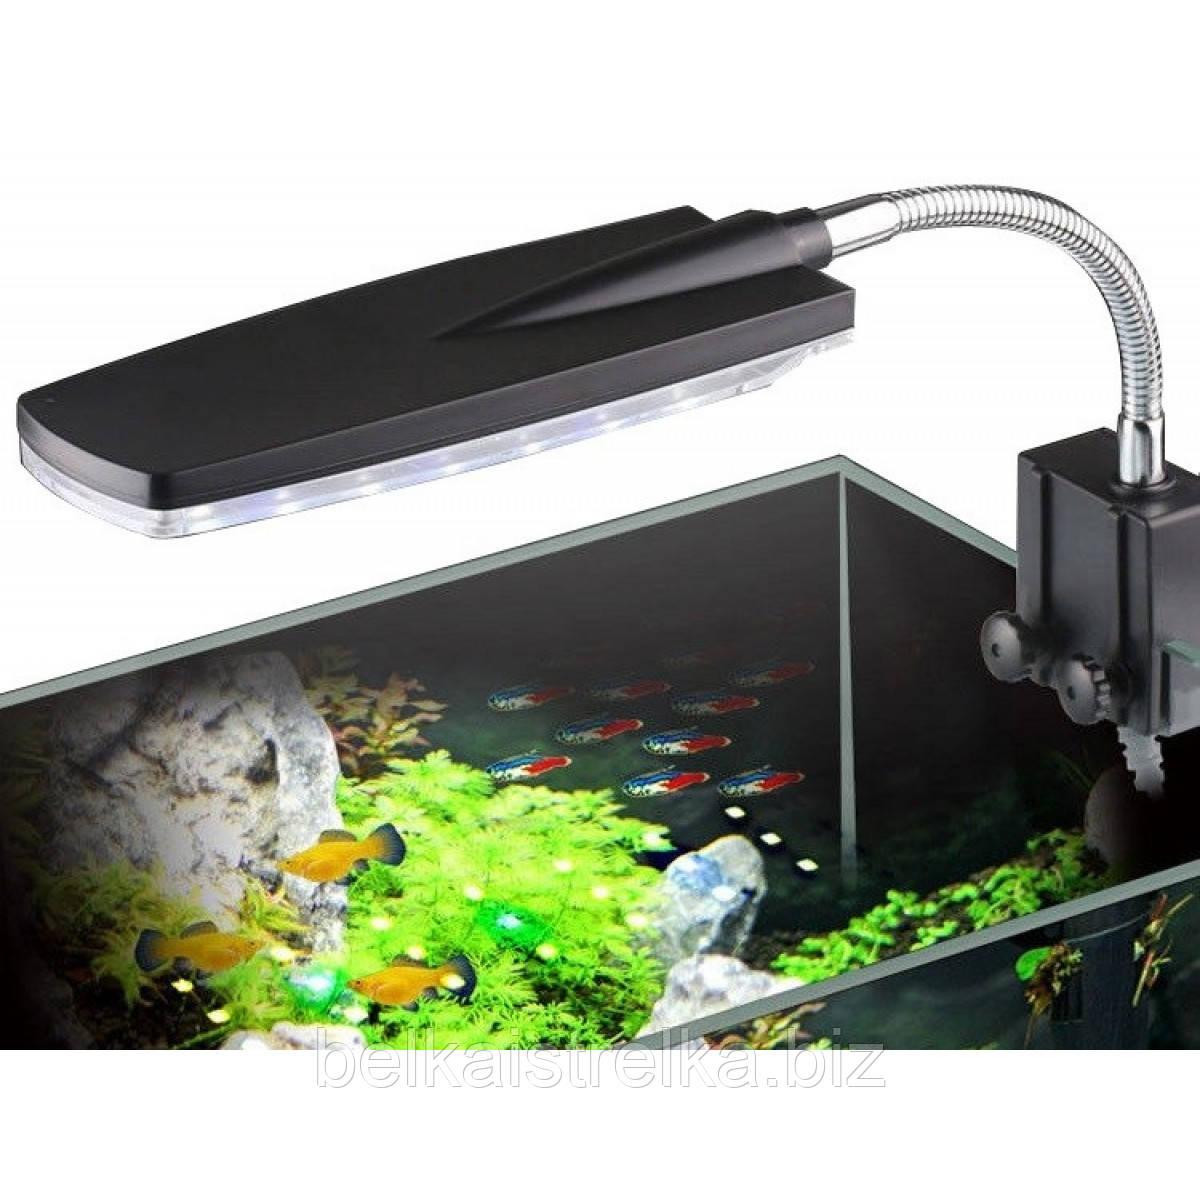 Светильник Sunsun AMD-D3 для аквариума, 5 Вт